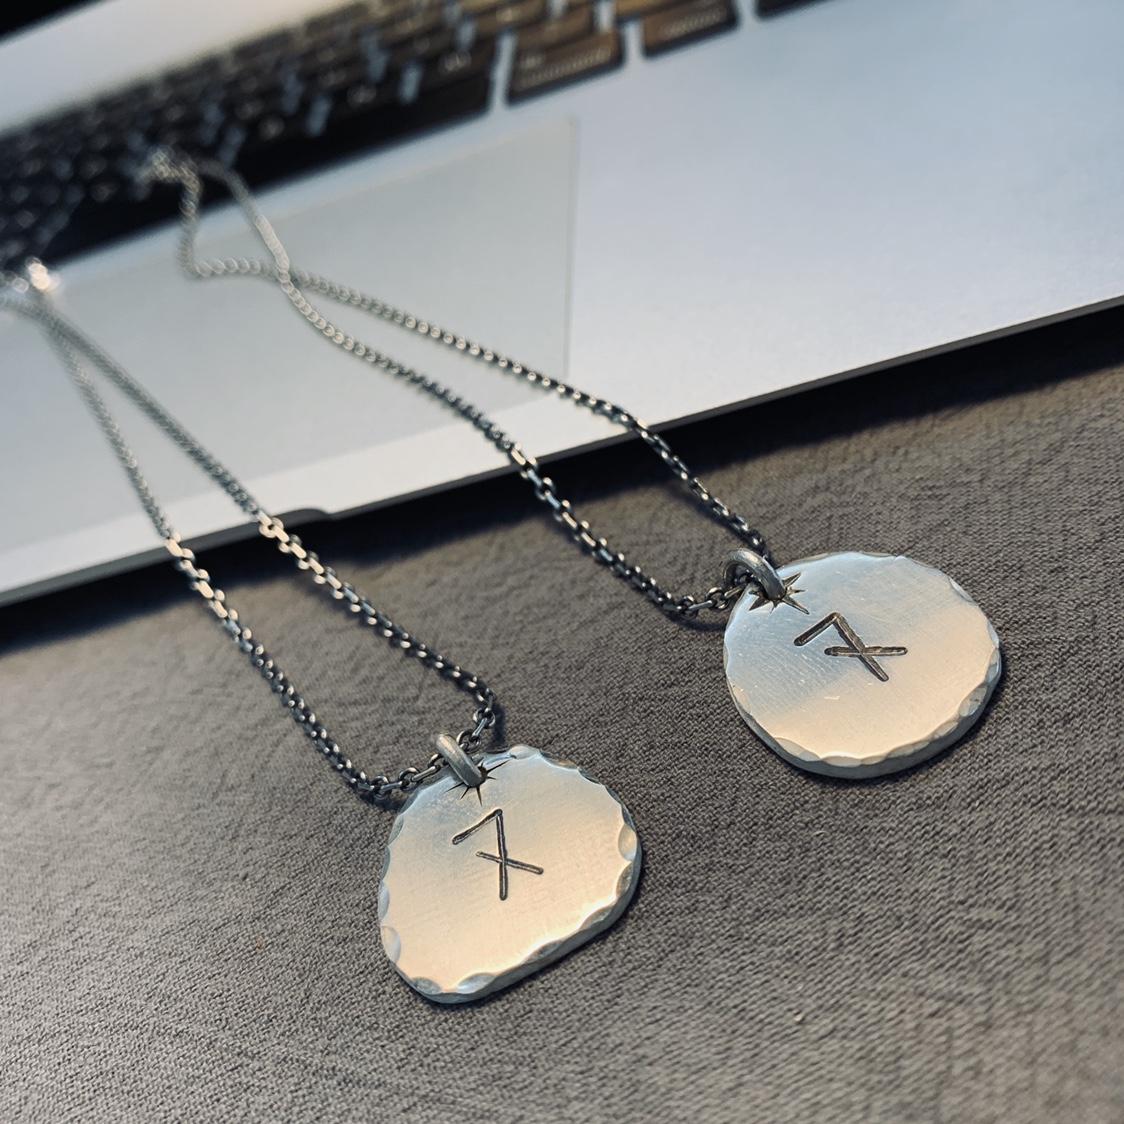 纯银手工定制复古文艺清新字母银牌吊坠挂件项链挂饰 不土